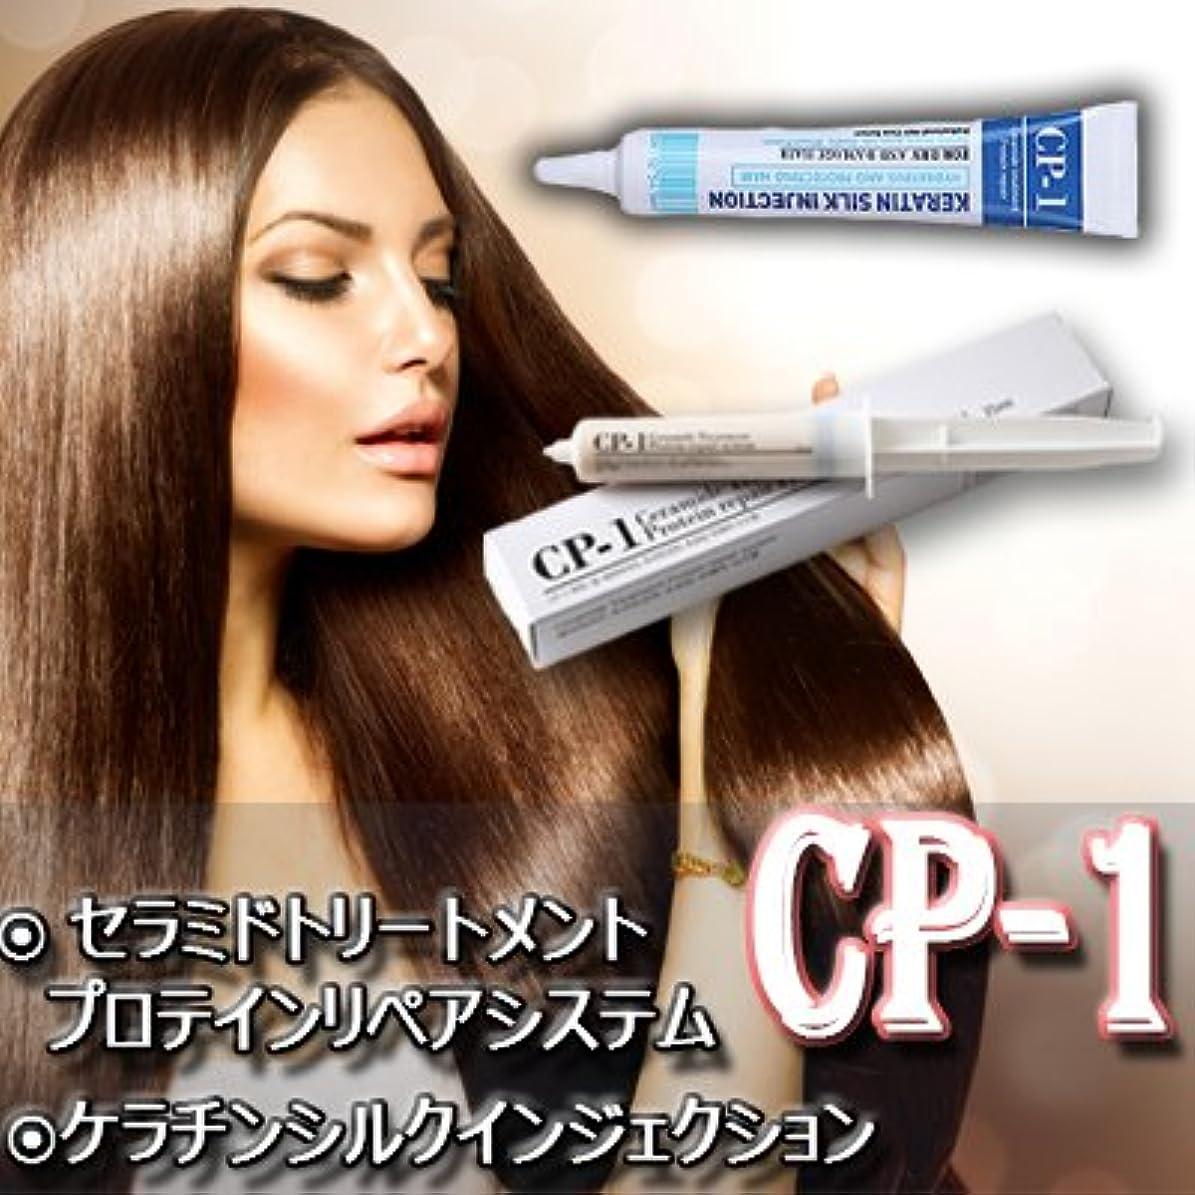 くるくる争いジェット[CP-1 Keratin 10pcs 1タンパク質アンプル] 洗いながすことなく塗るだけOK!毎日使用してください!【10個入り】